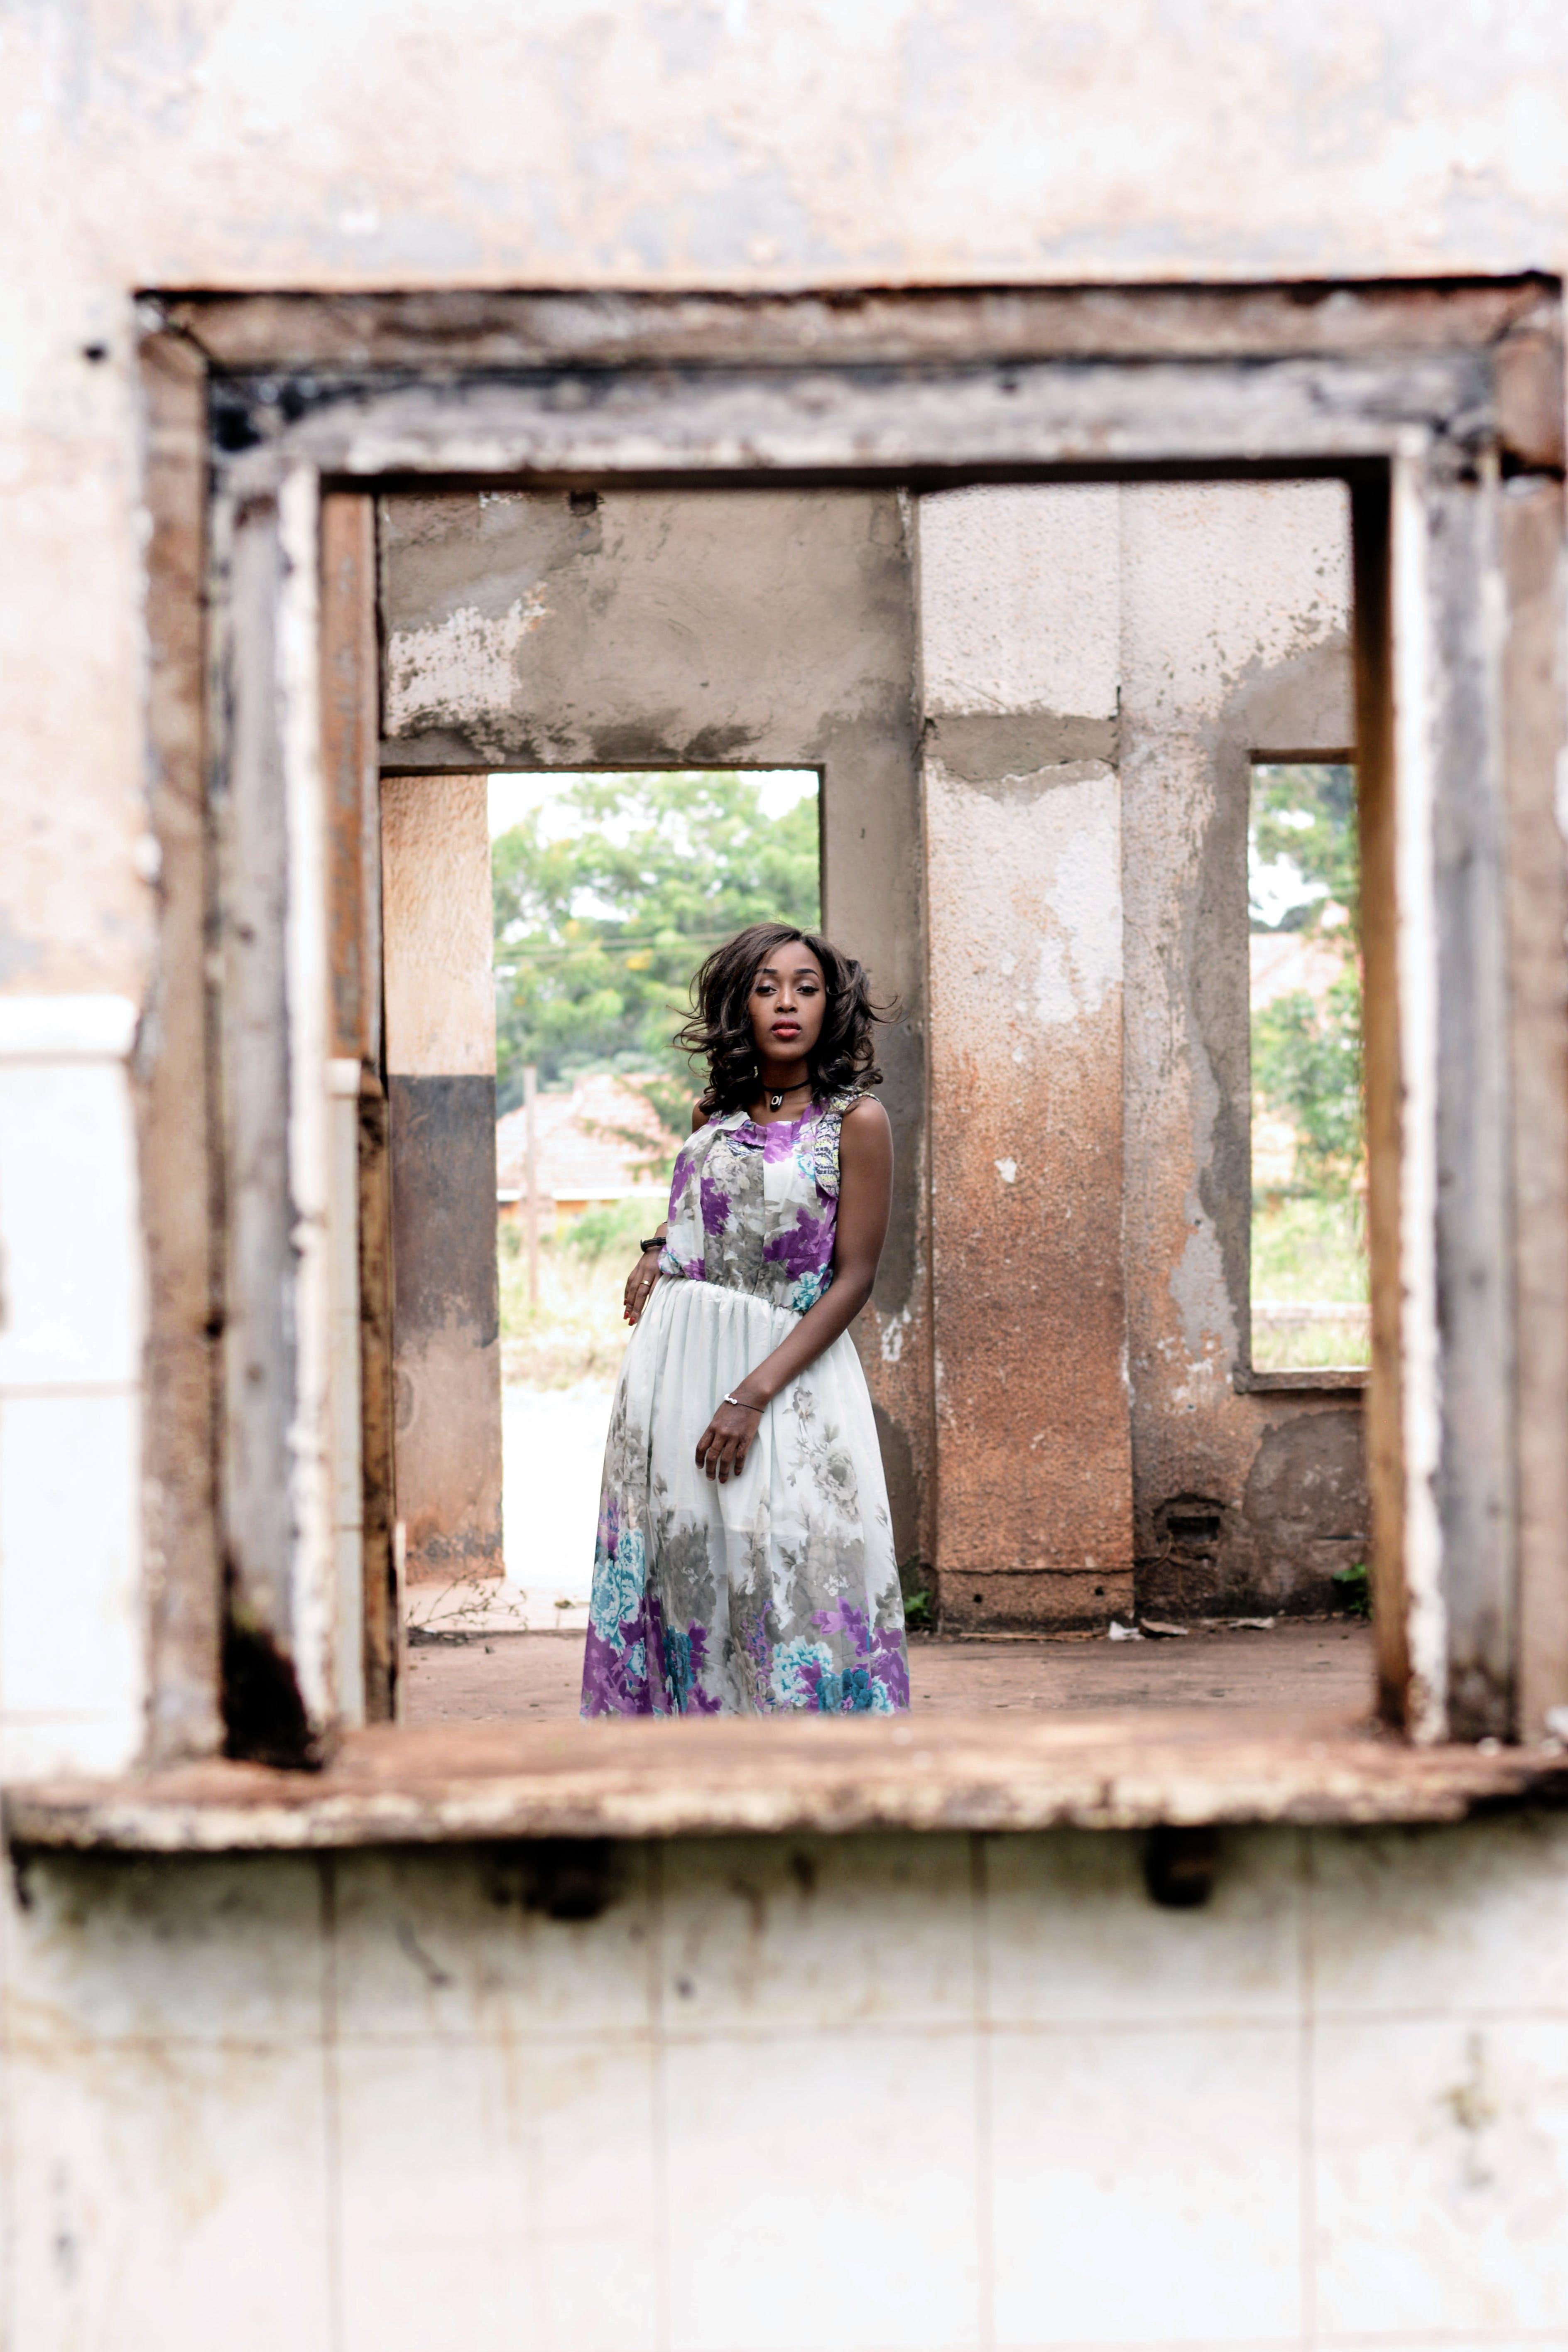 Kostnadsfri bild av flicka, kvinna, person, skön